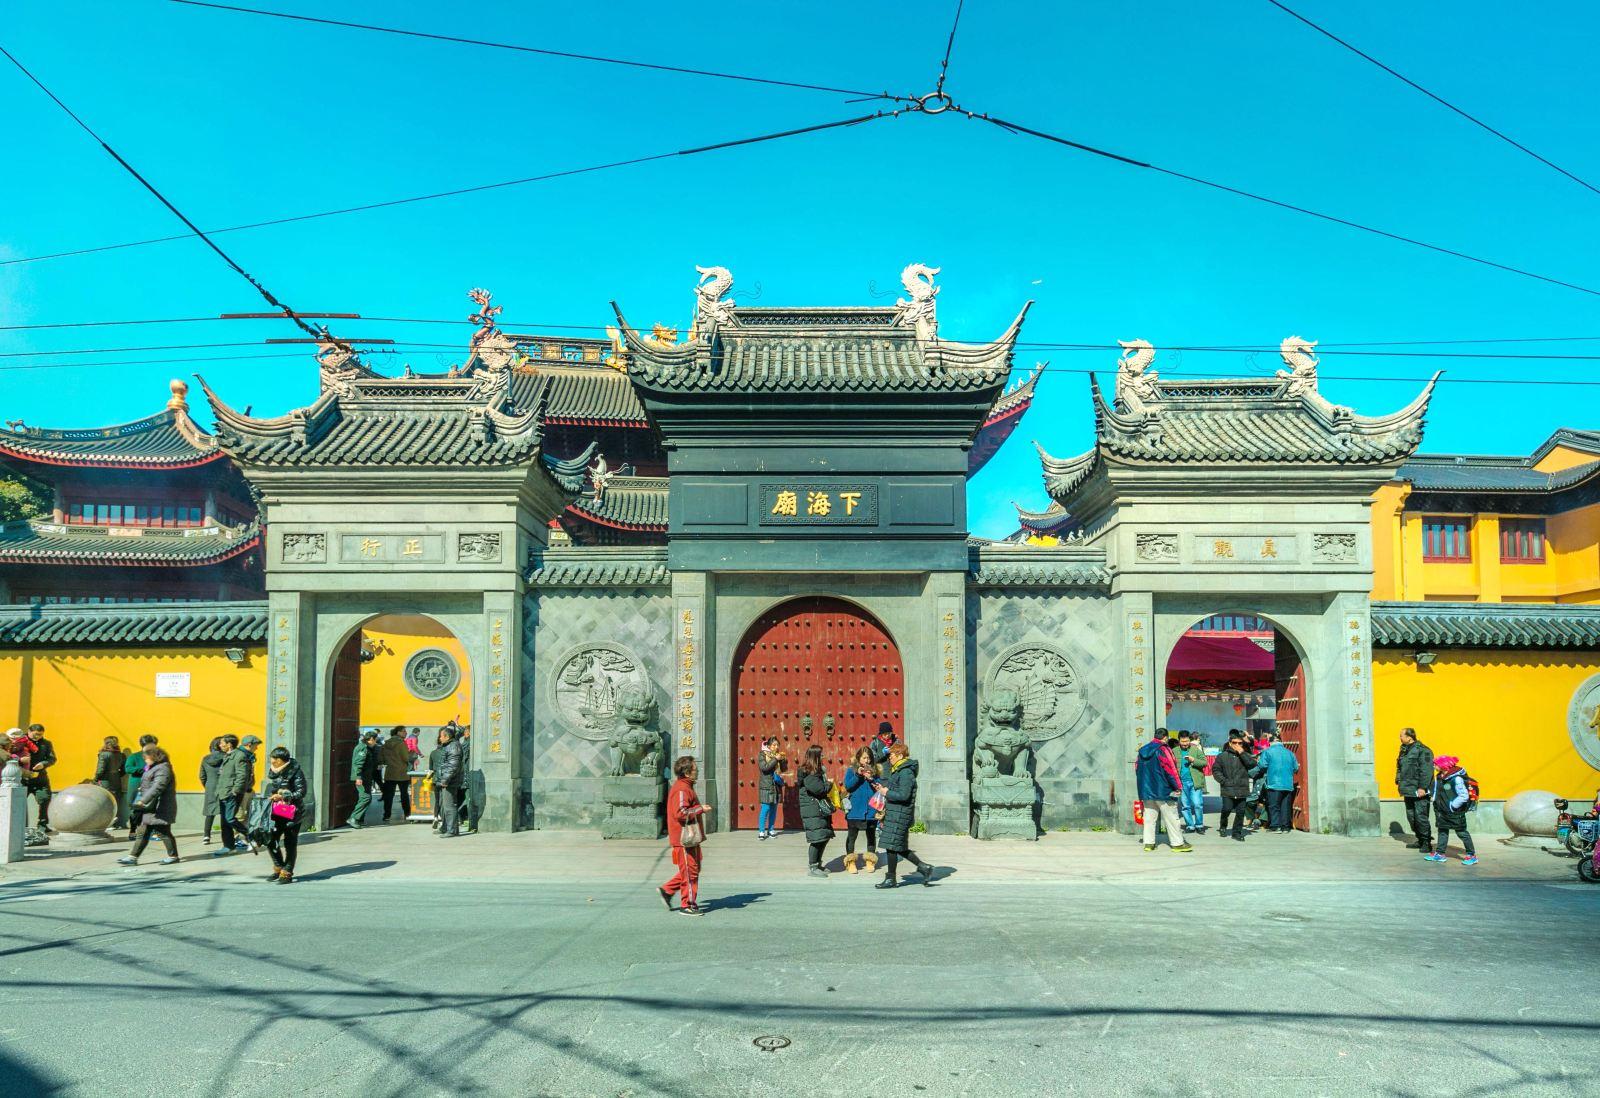 【上海】下海庙